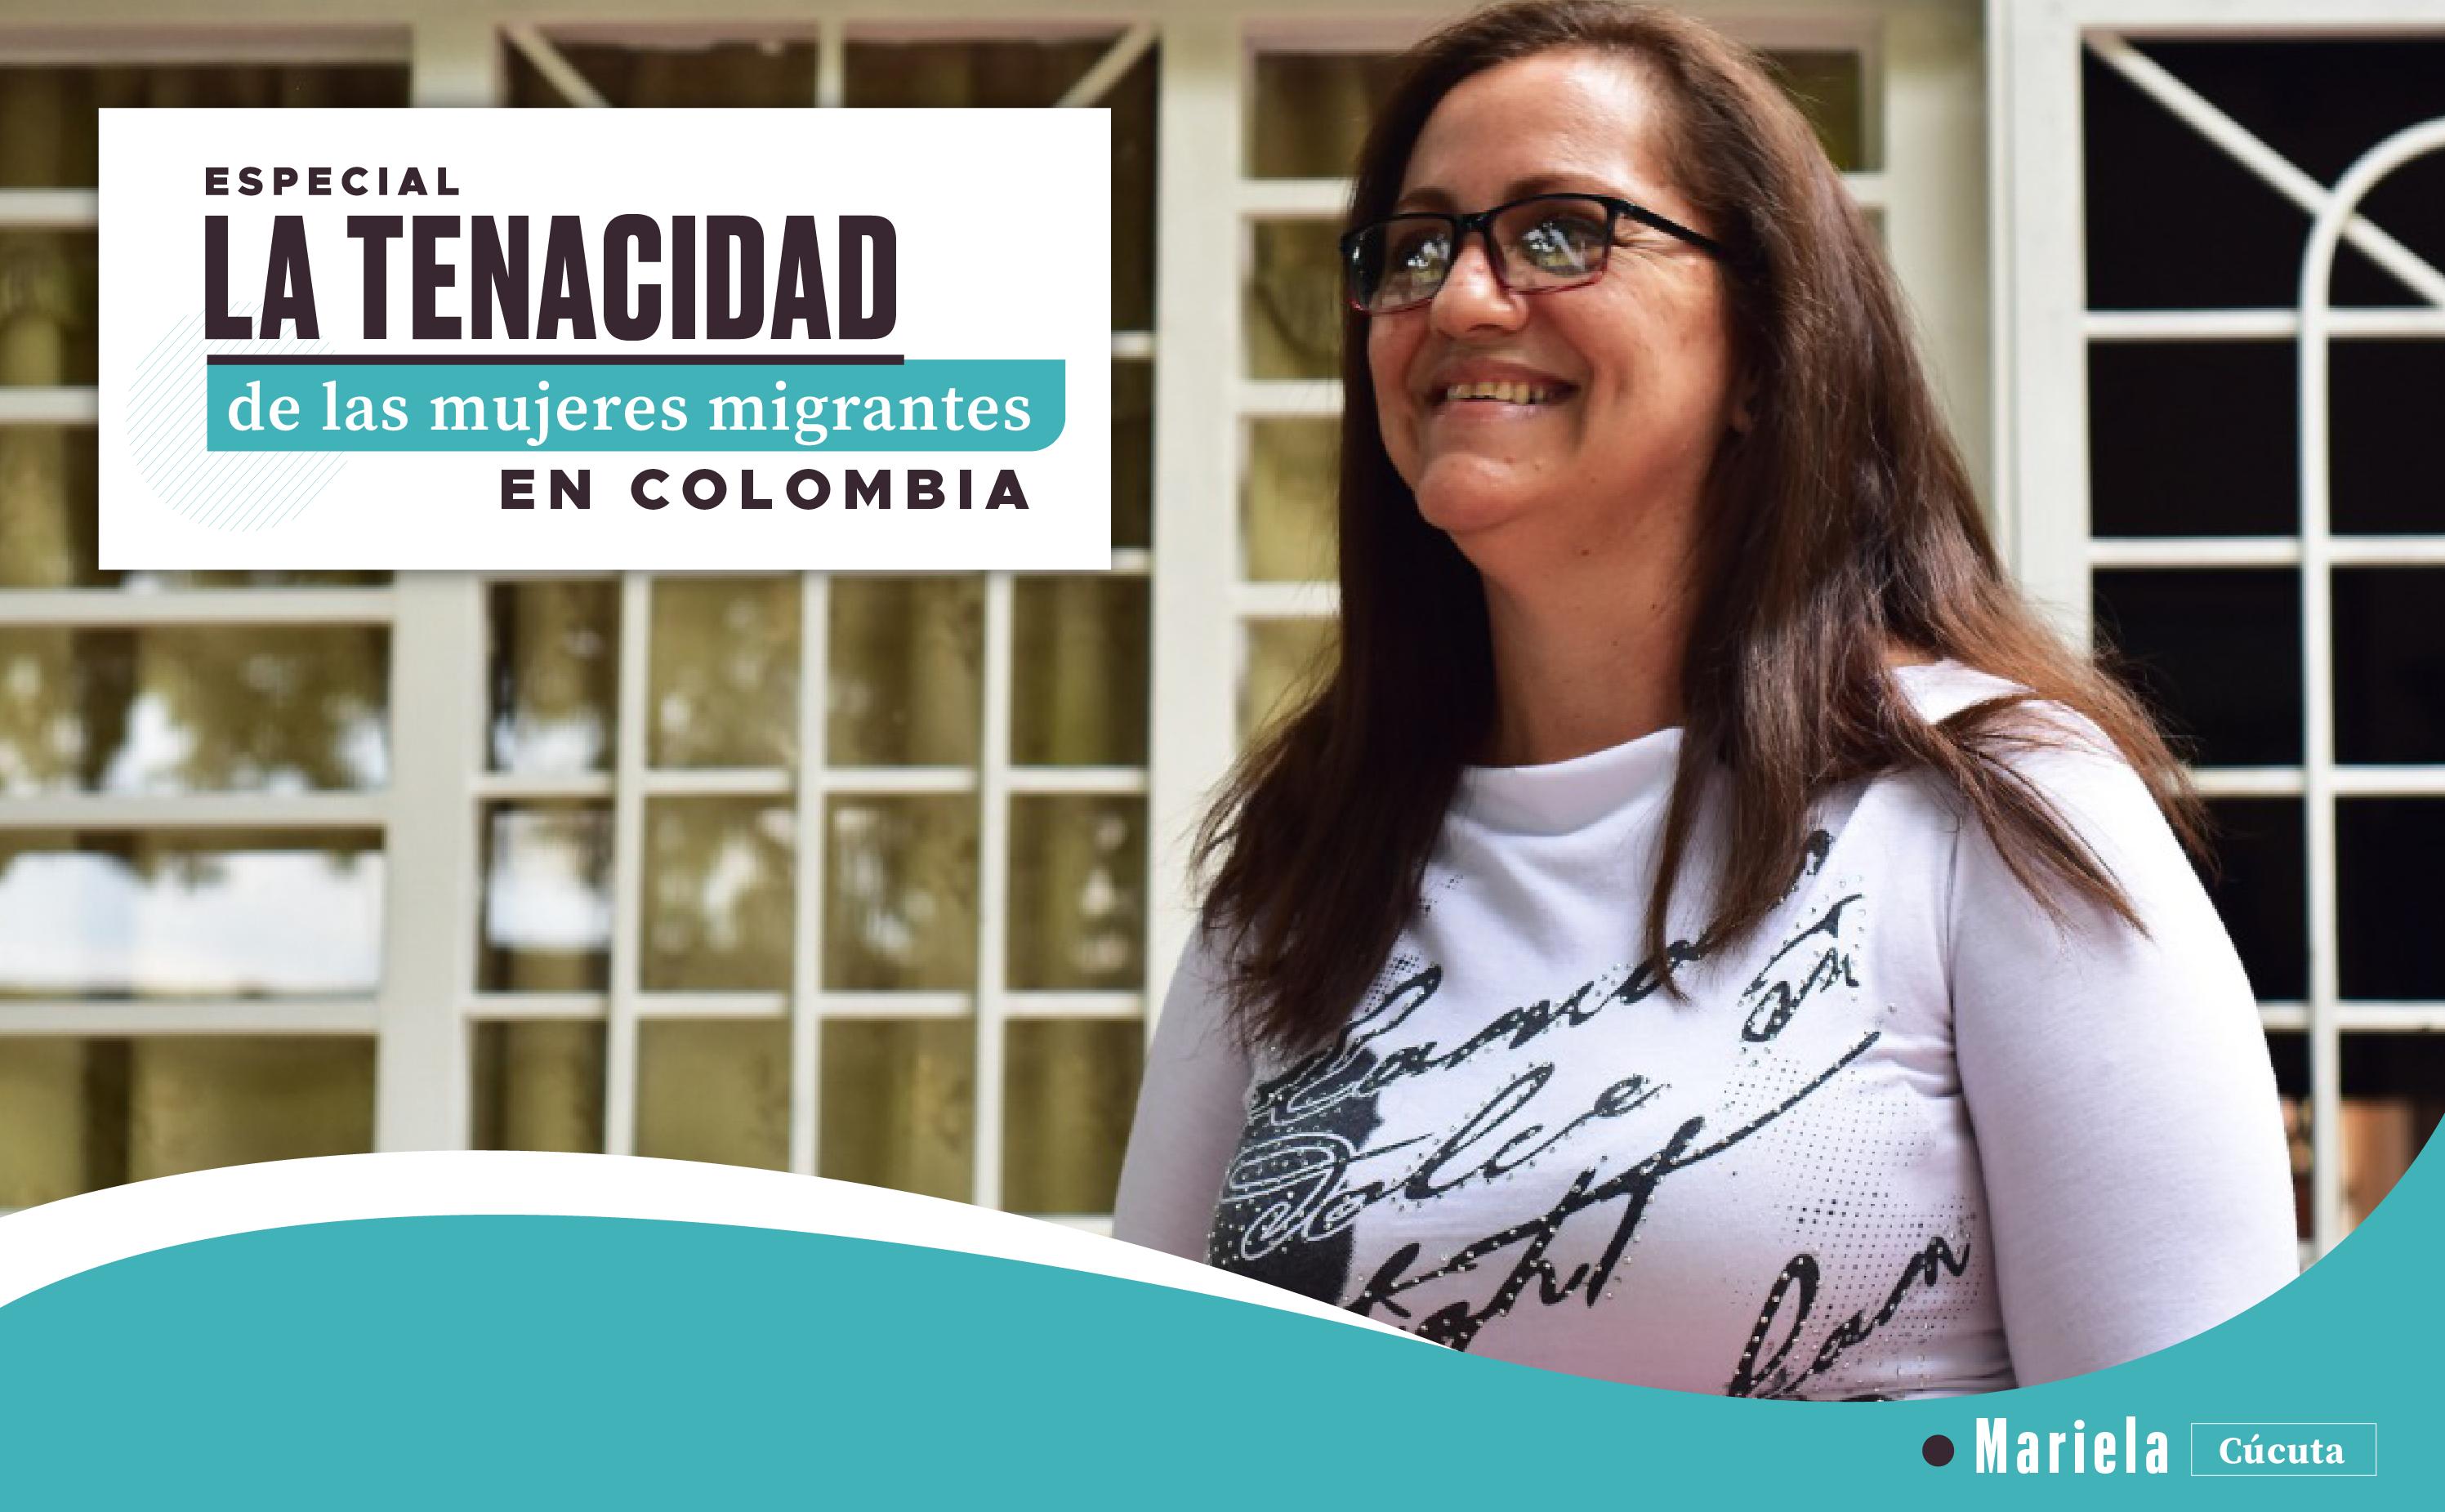 La resiliencia de Mariela ante la xenofobia en Cúcuta